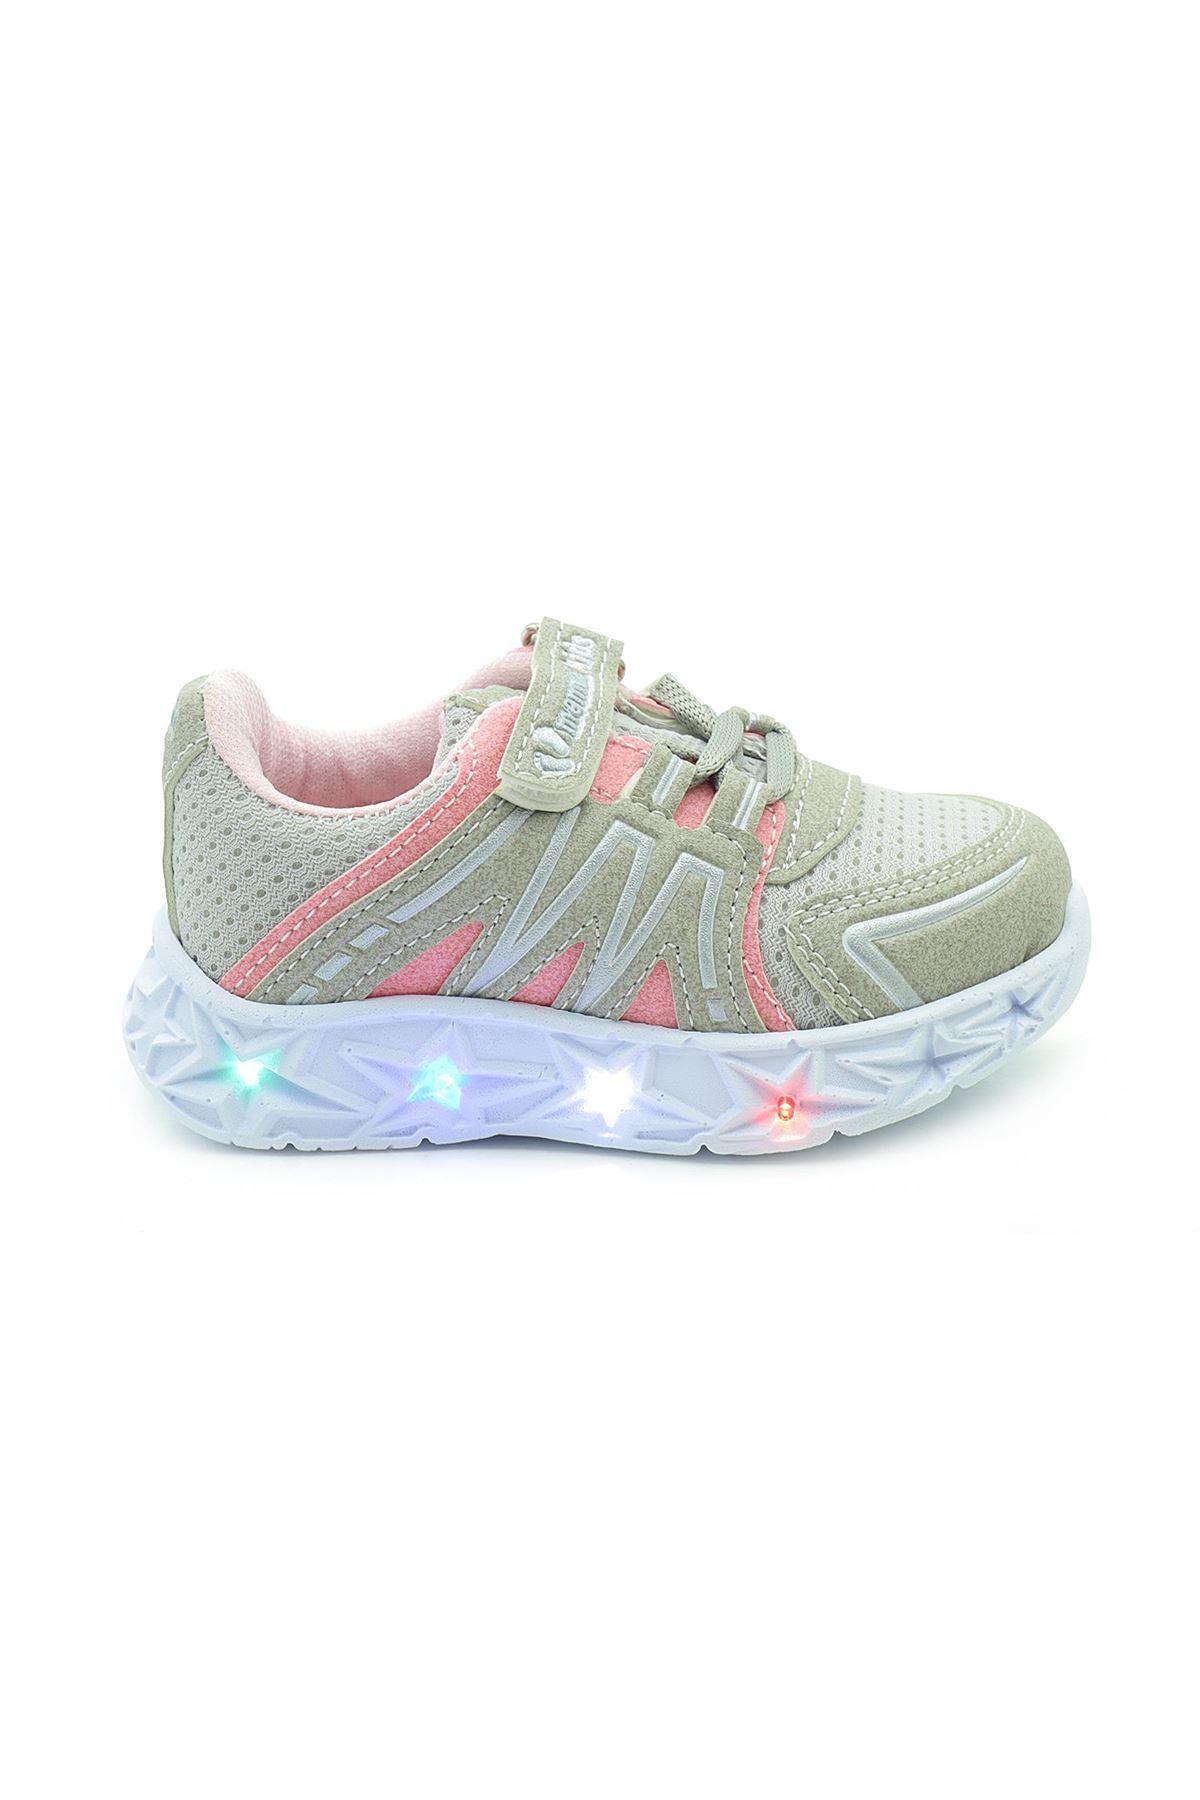 Kids World 30-20 Işıklı Kız Çocuk Bebek Spor Ayakkabı